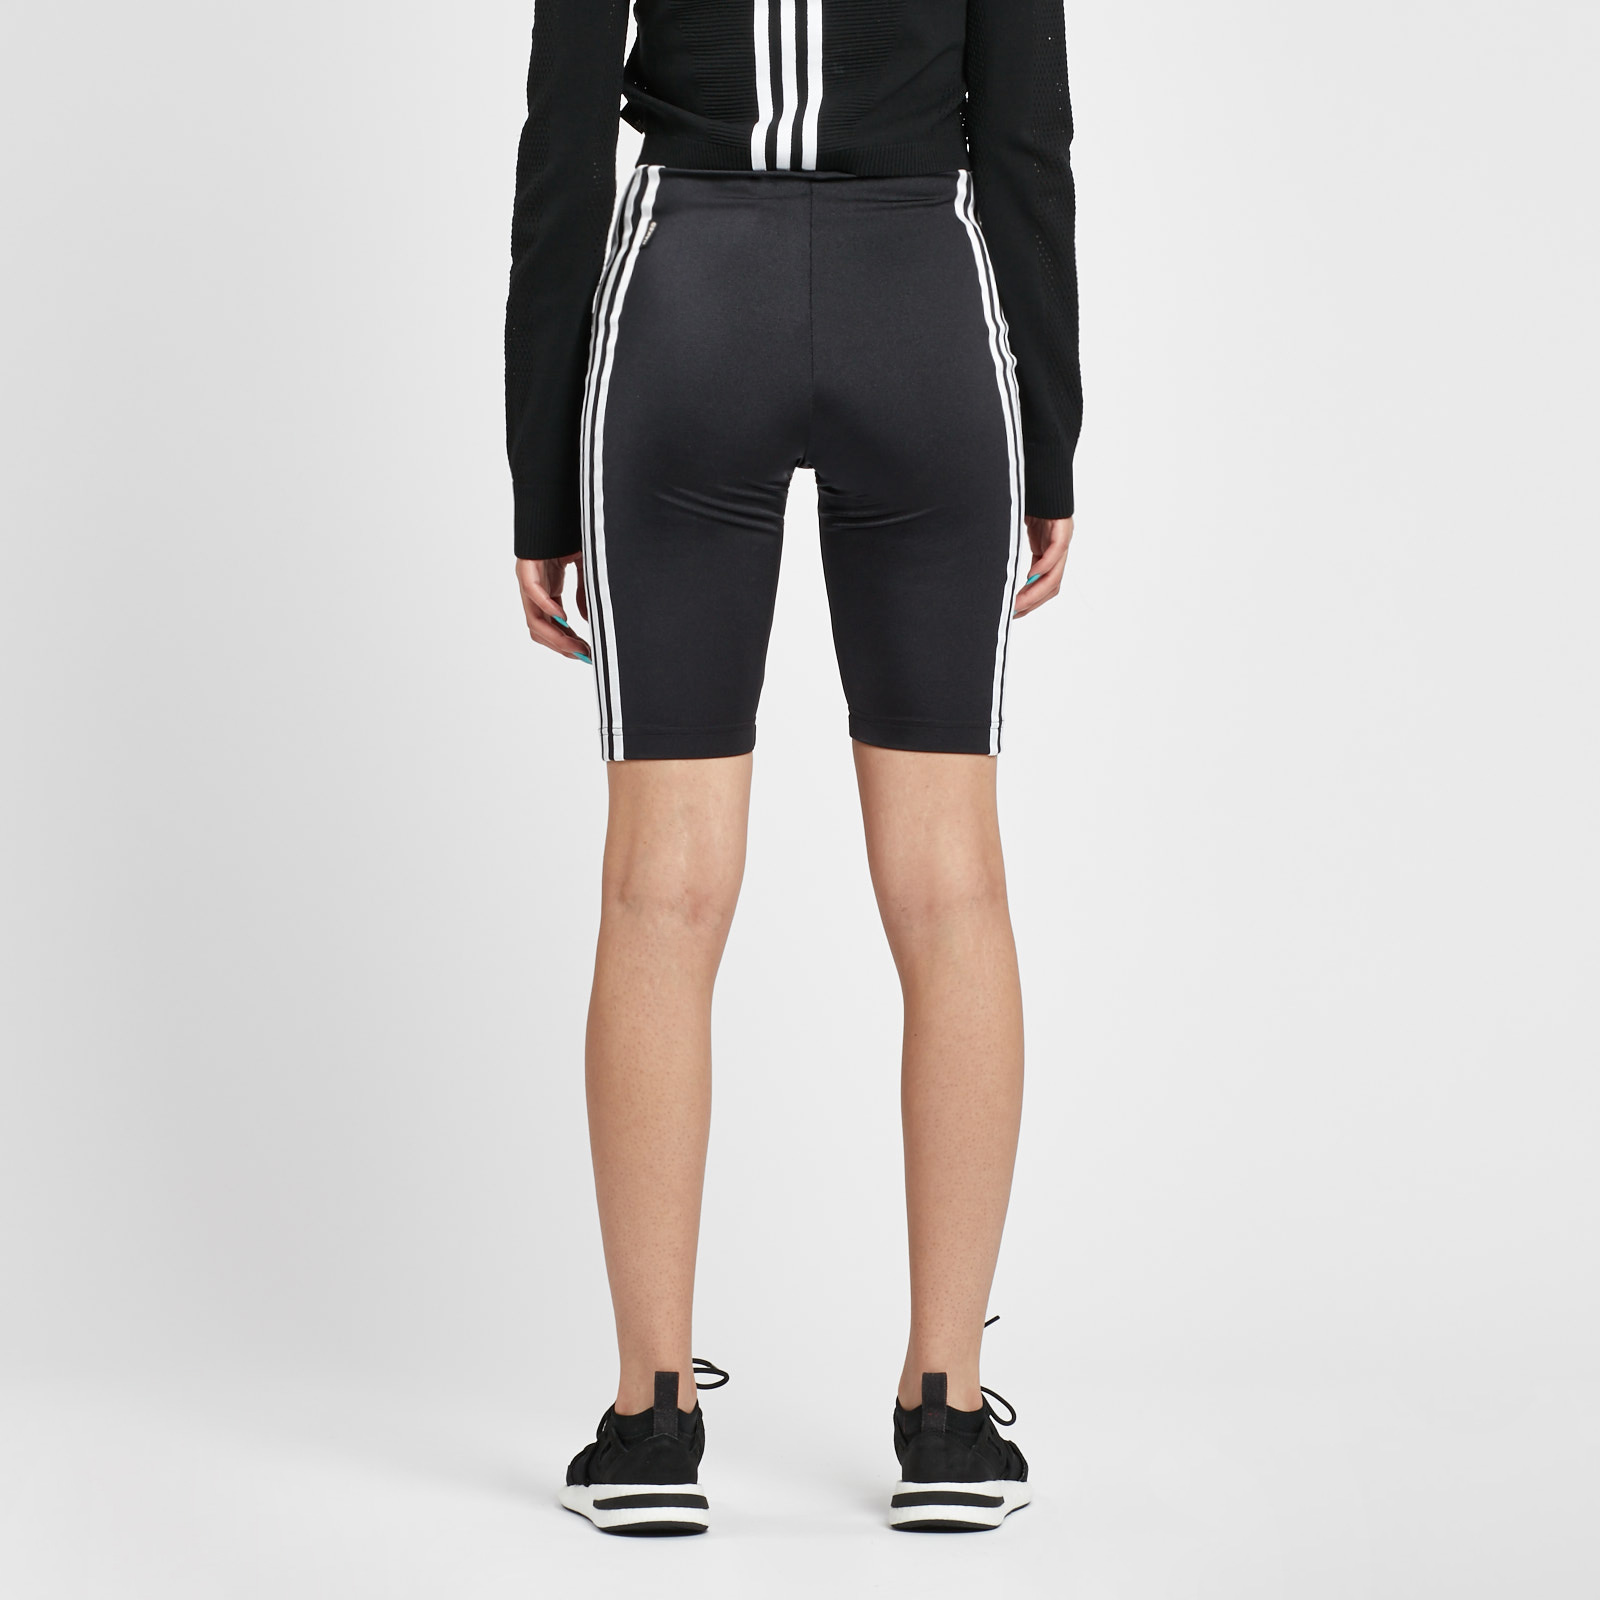 87274f103e4 adidas Bike Shorts x Naked - Cy4792 - Sneakersnstuff   sneakers &  streetwear online since 1999